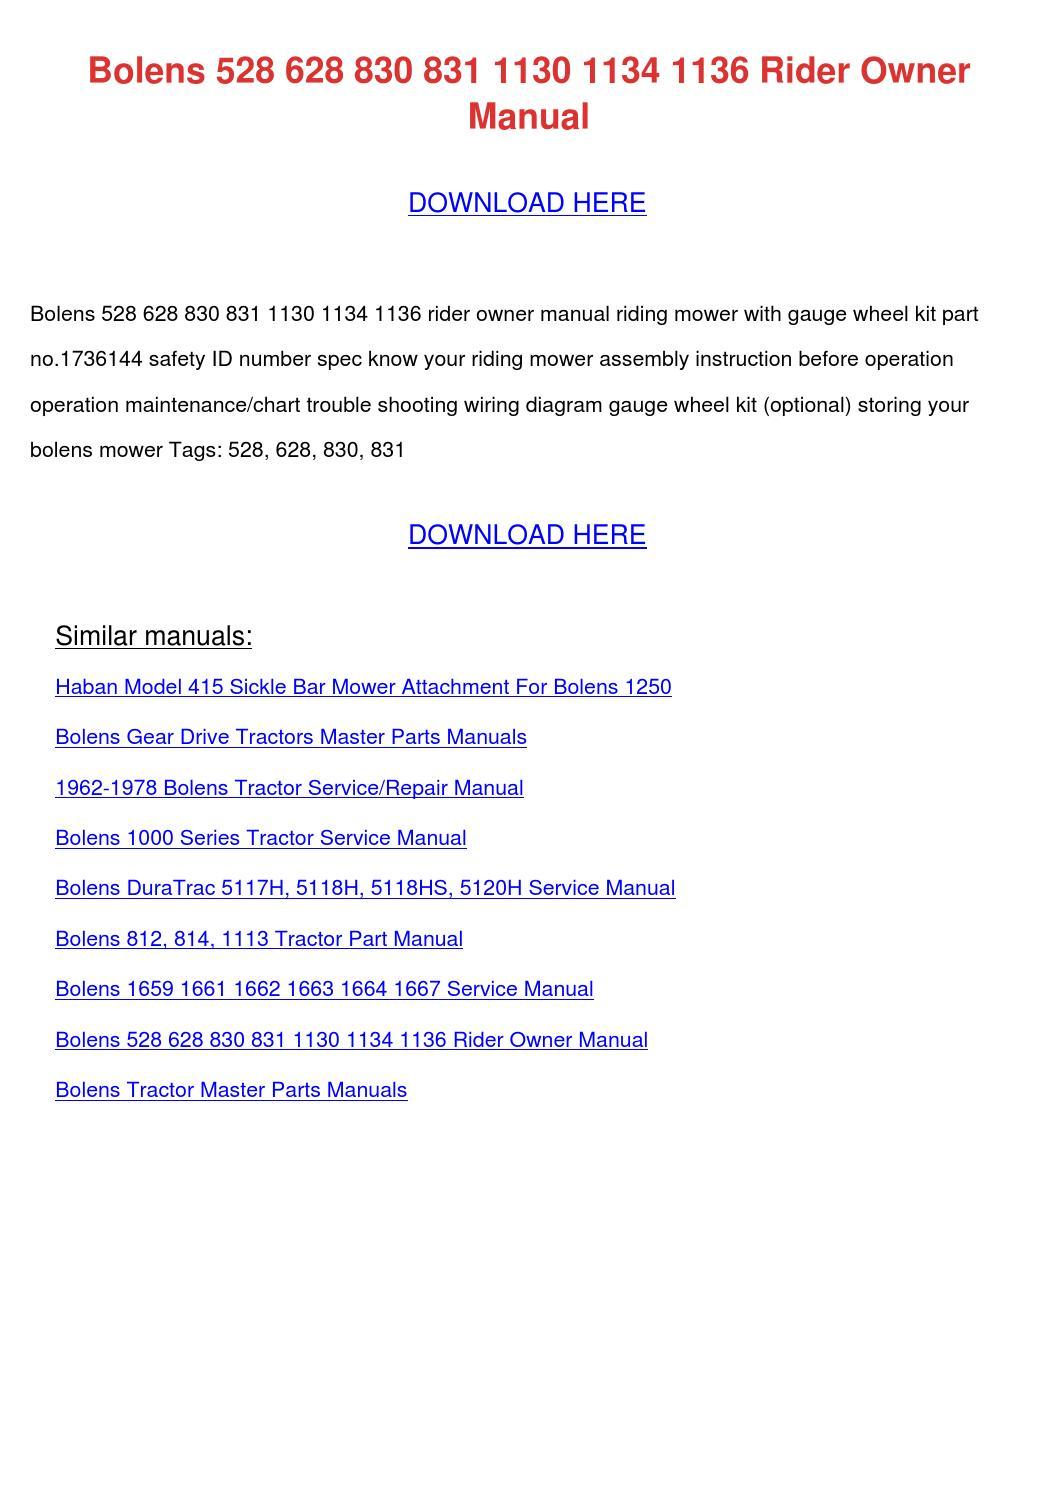 bolens 1250 manual on scag schematics, john deere schematics, gravely schematics, cummins schematics, tecumseh schematics, kubota schematics, new holland schematics, toro schematics, bush hog schematics,